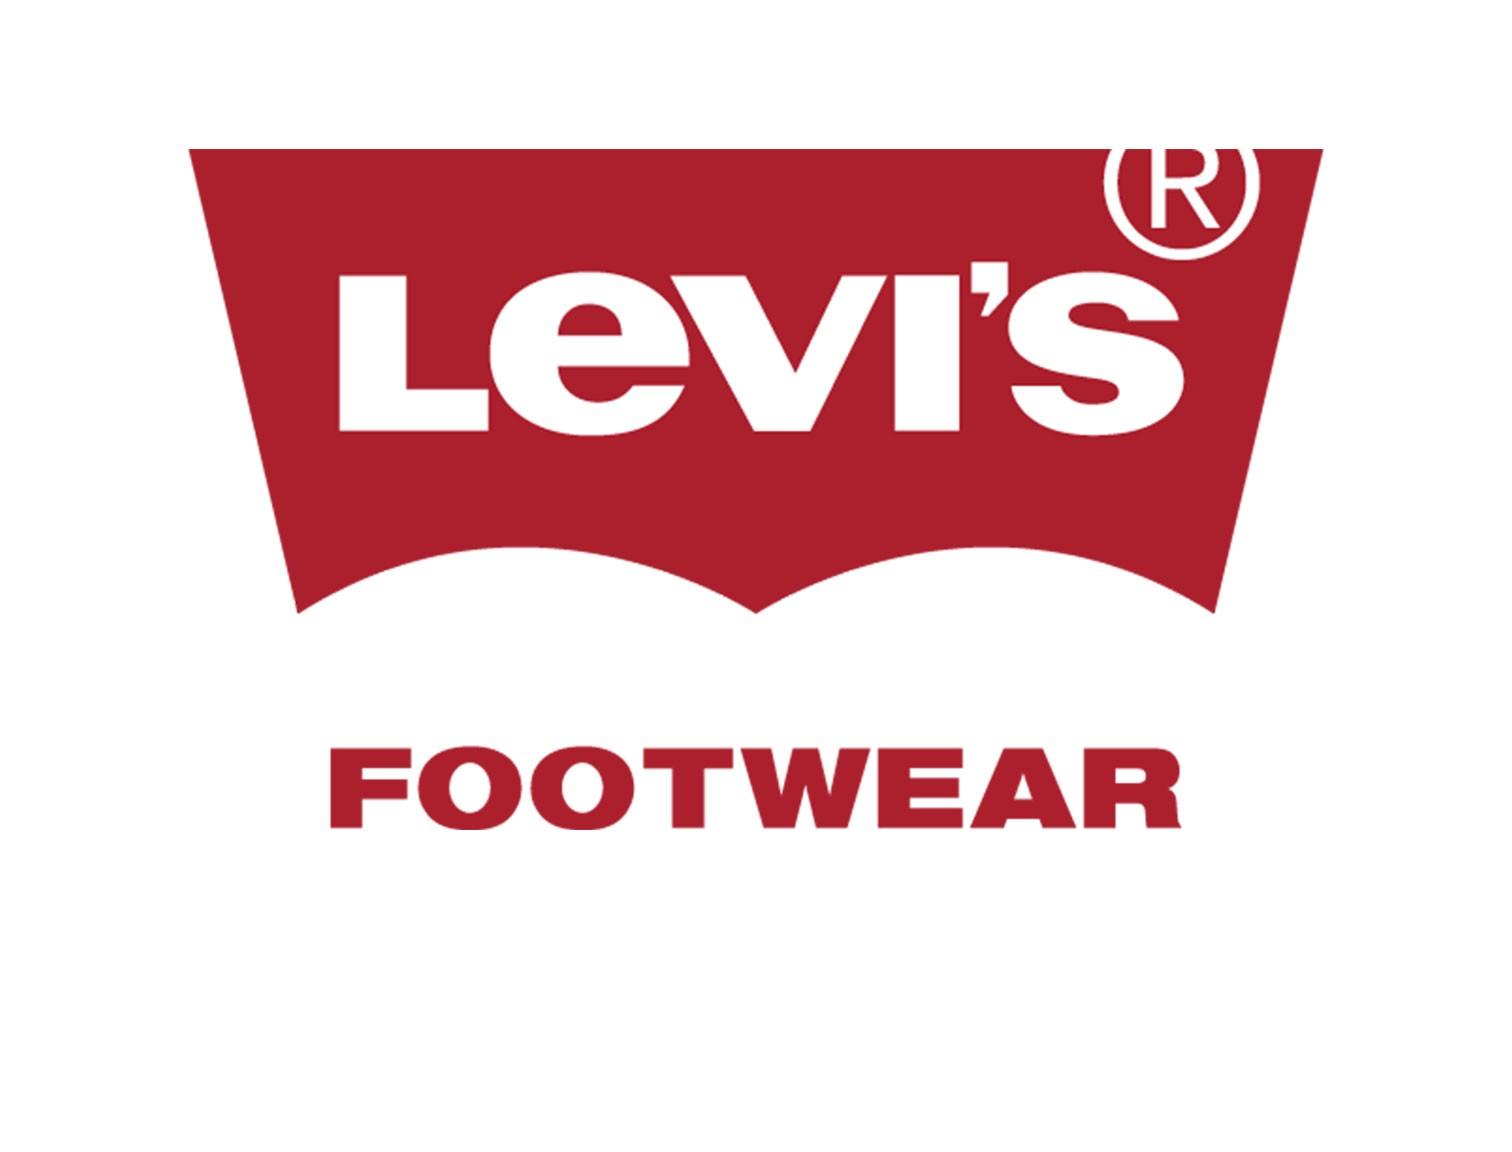 LEVIS FOOTWEAR